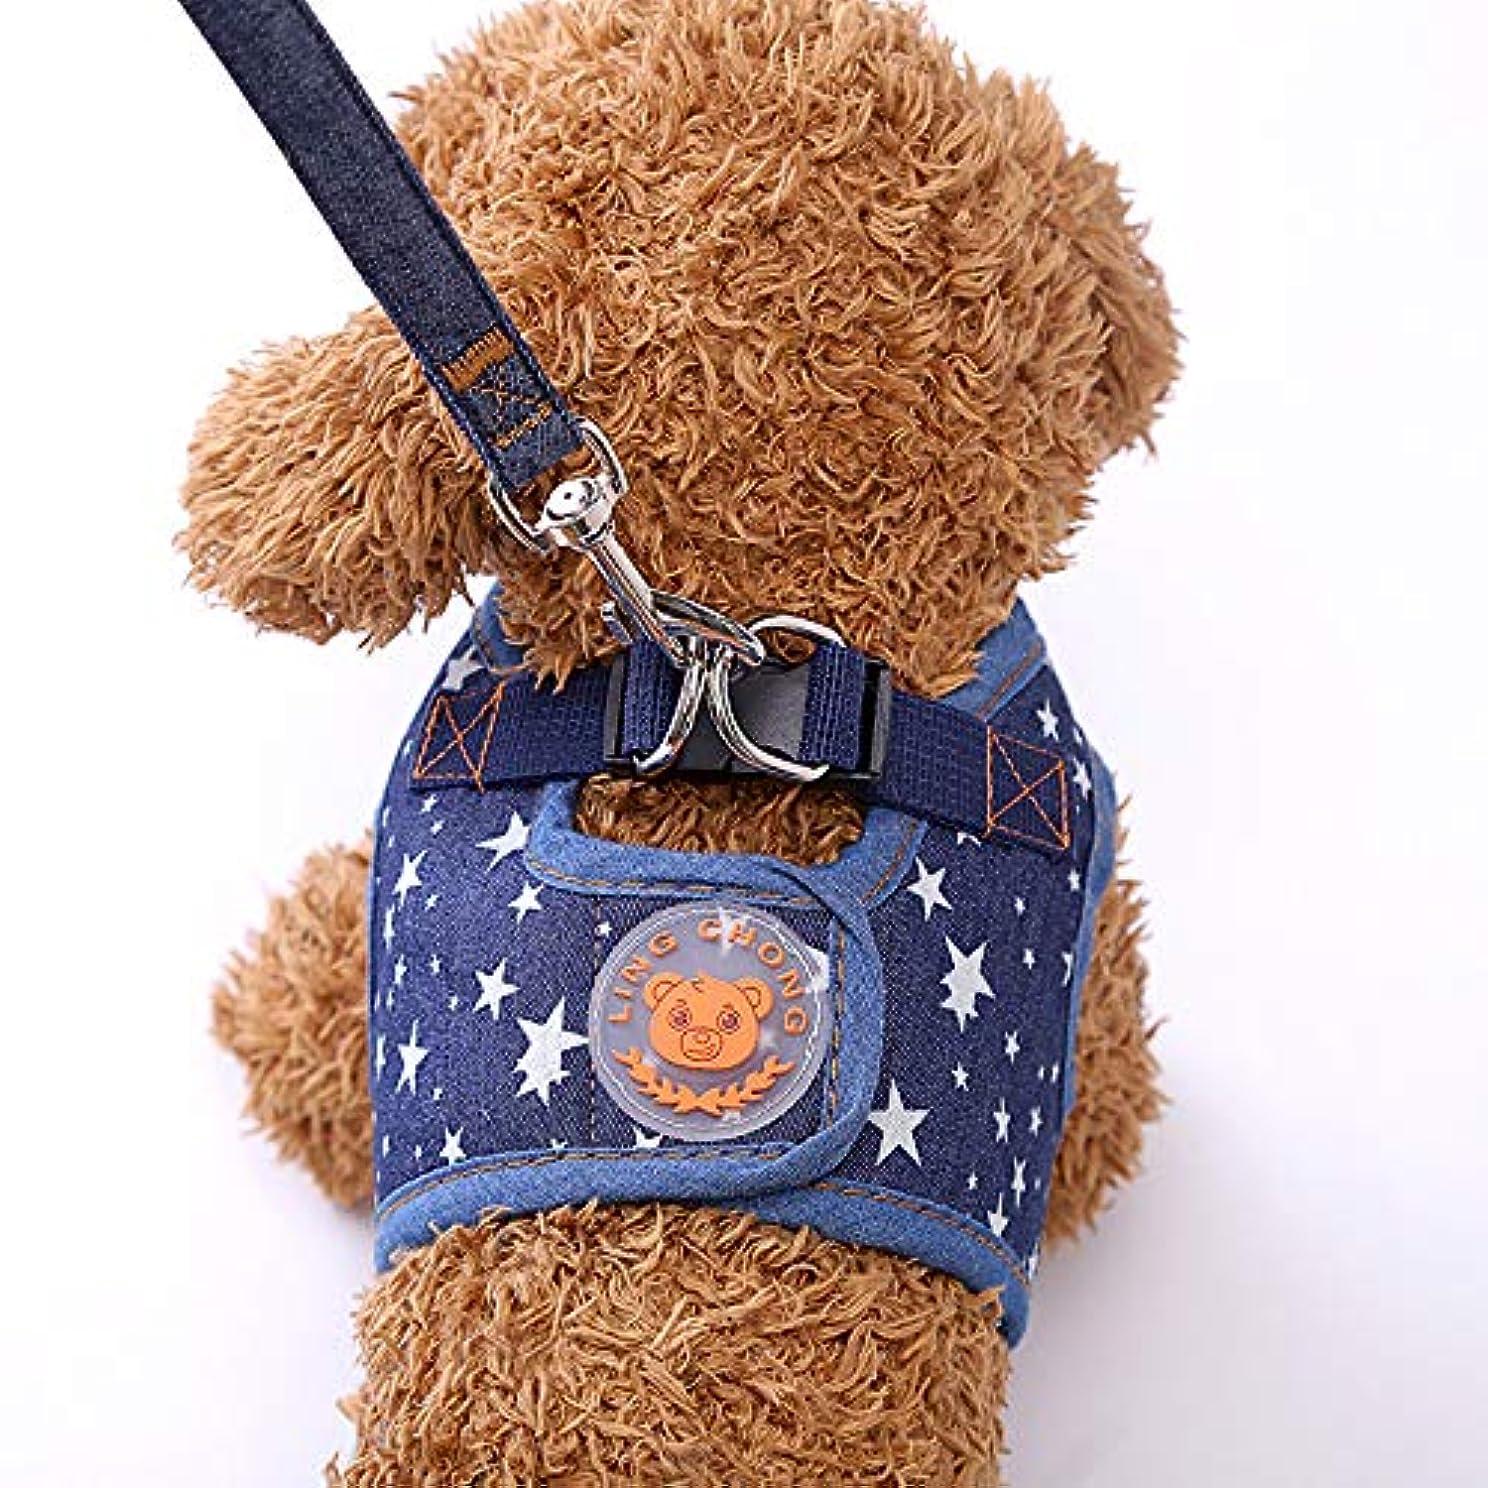 熱帯のデザートバズMen club 1ピースペットベストハーネスリーシュペットチェストハーネスリードロープ犬ハーネスベスト屋外使用に適したブルークリエイティブで便利